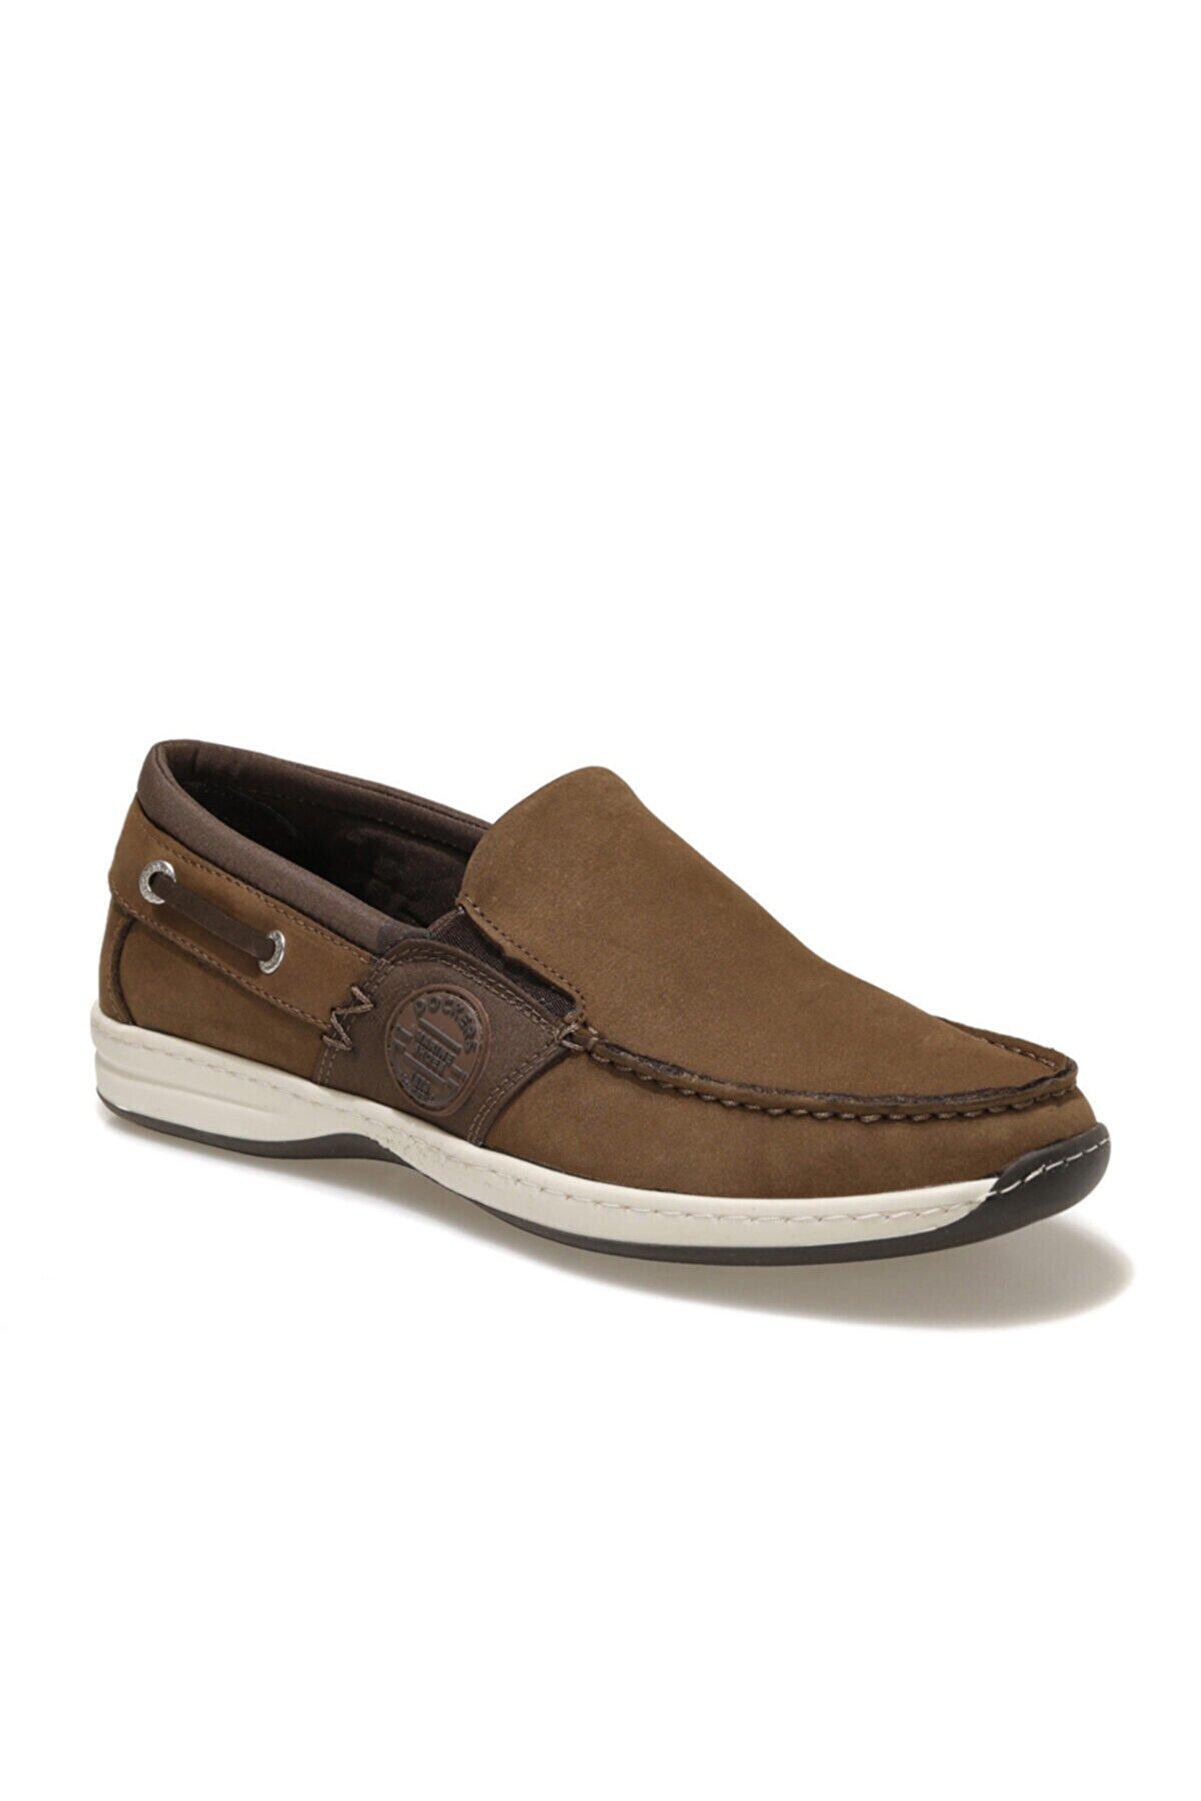 Dockers 220101 1FX Kahverengi Erkek Marin Ayakkabı 100919003